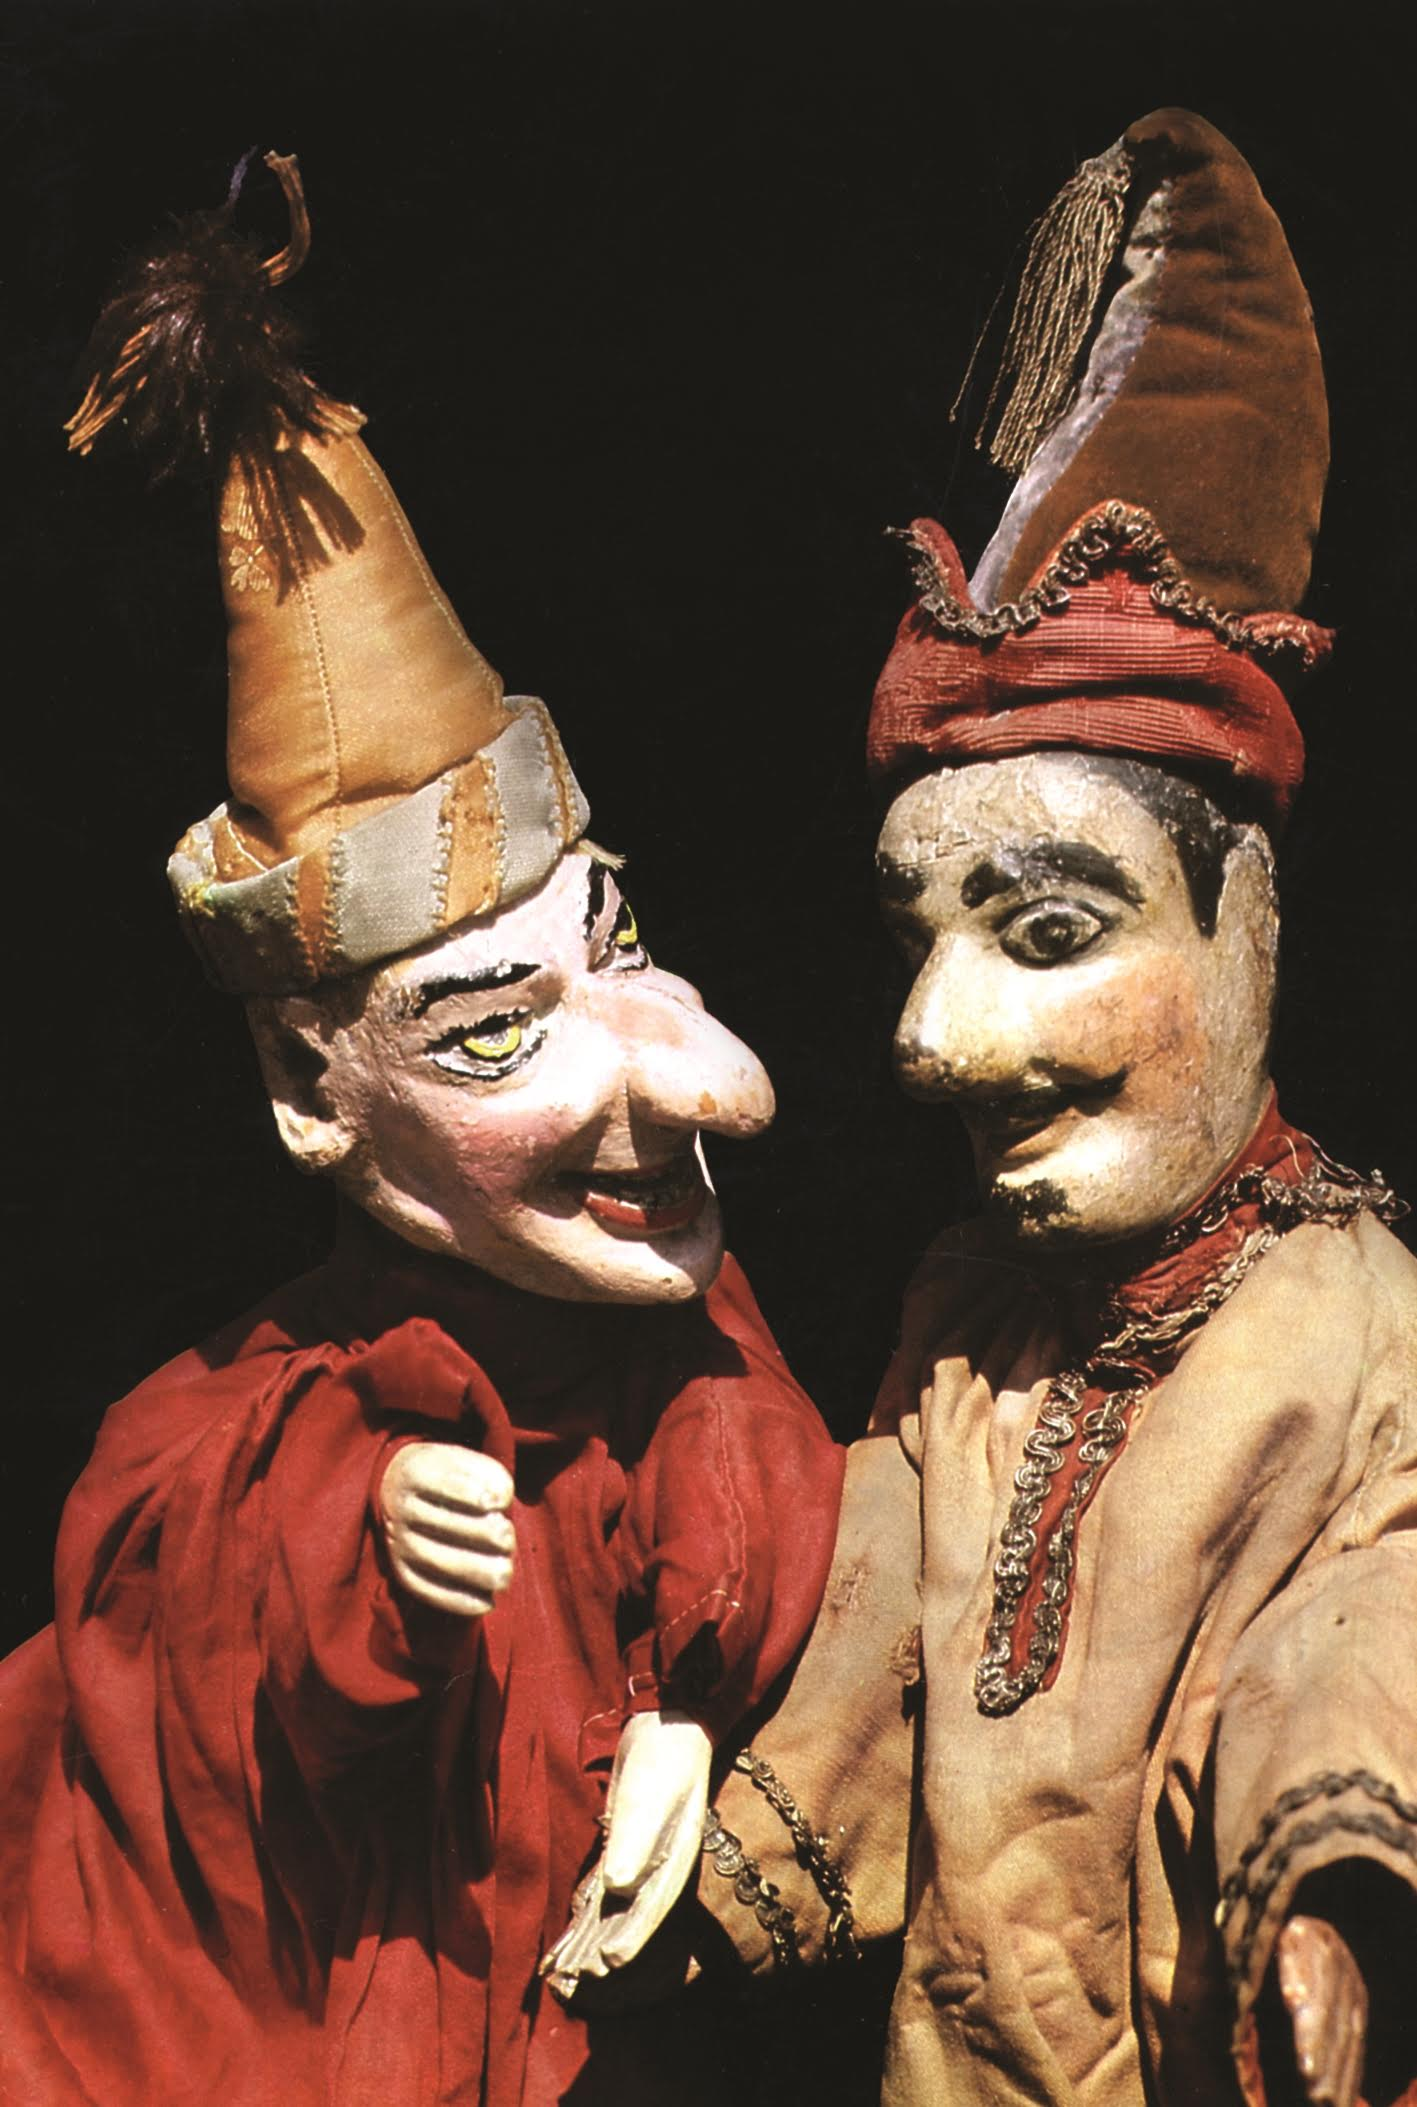 Deux <em>Petrouchka</em>s de marionnettistes traditionnels russes Ivan Zaitsev (à gauche) et Pavel Sedov (à droite). Marionnettes à gaine (bois, tissu), vers la fin du XIXe, début du XXe siècle. Photo réproduite avec l'aimable autorisation de Collection : Gosudarstvenny akademichesky tsentralny teatr kukol imeni S. V. Obraztsova, Musée de la Marionnette (Moscou, Russie)